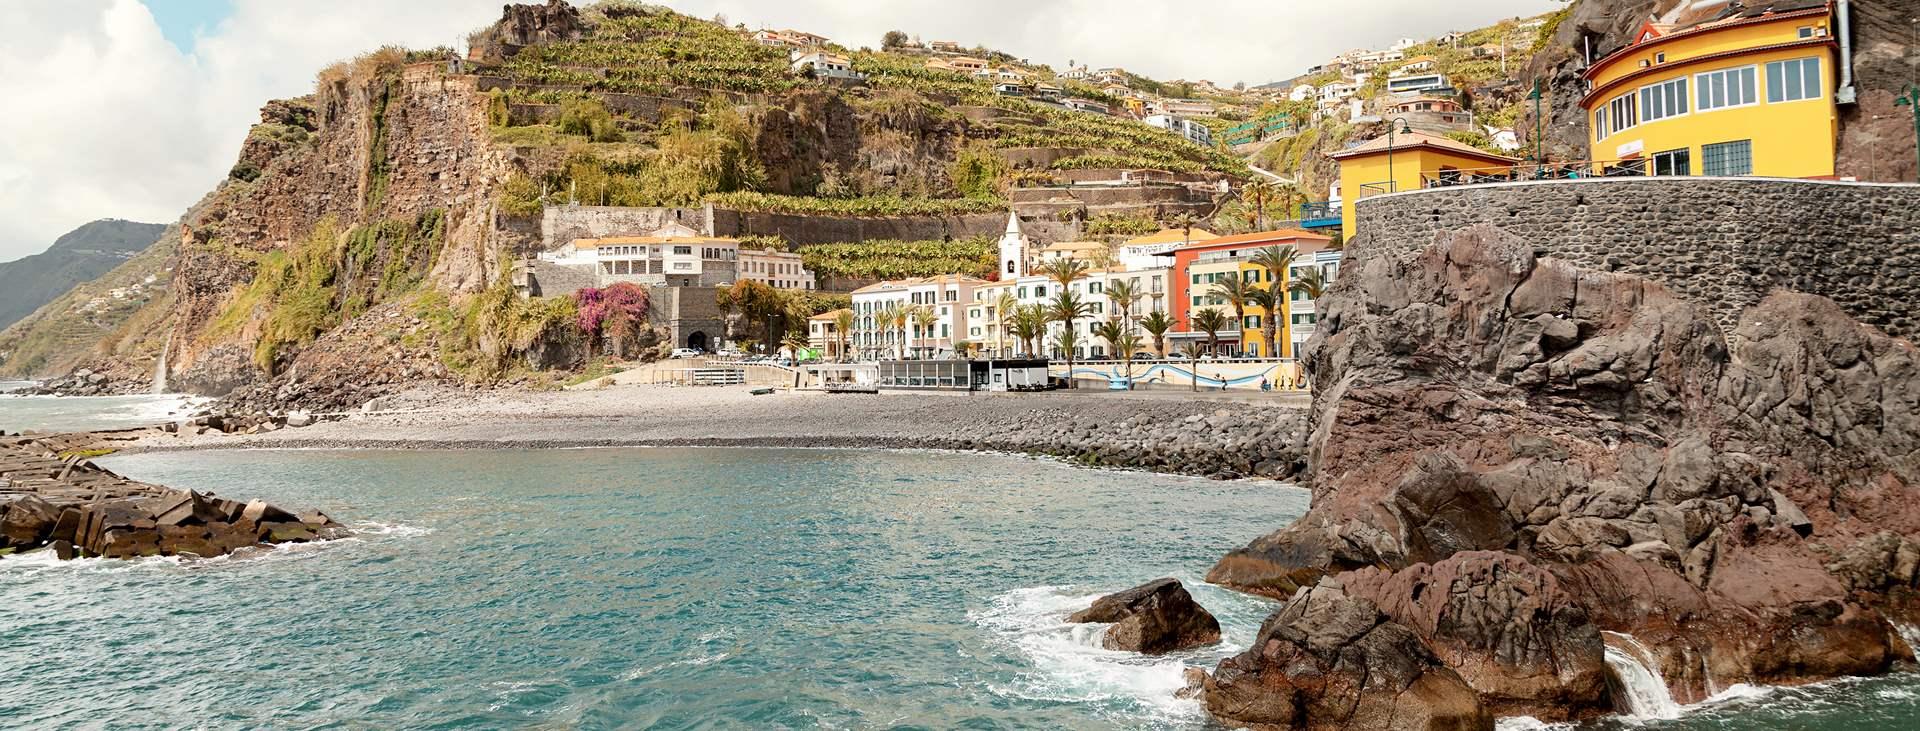 Boka din resa till Madeira i Portugal med Ving